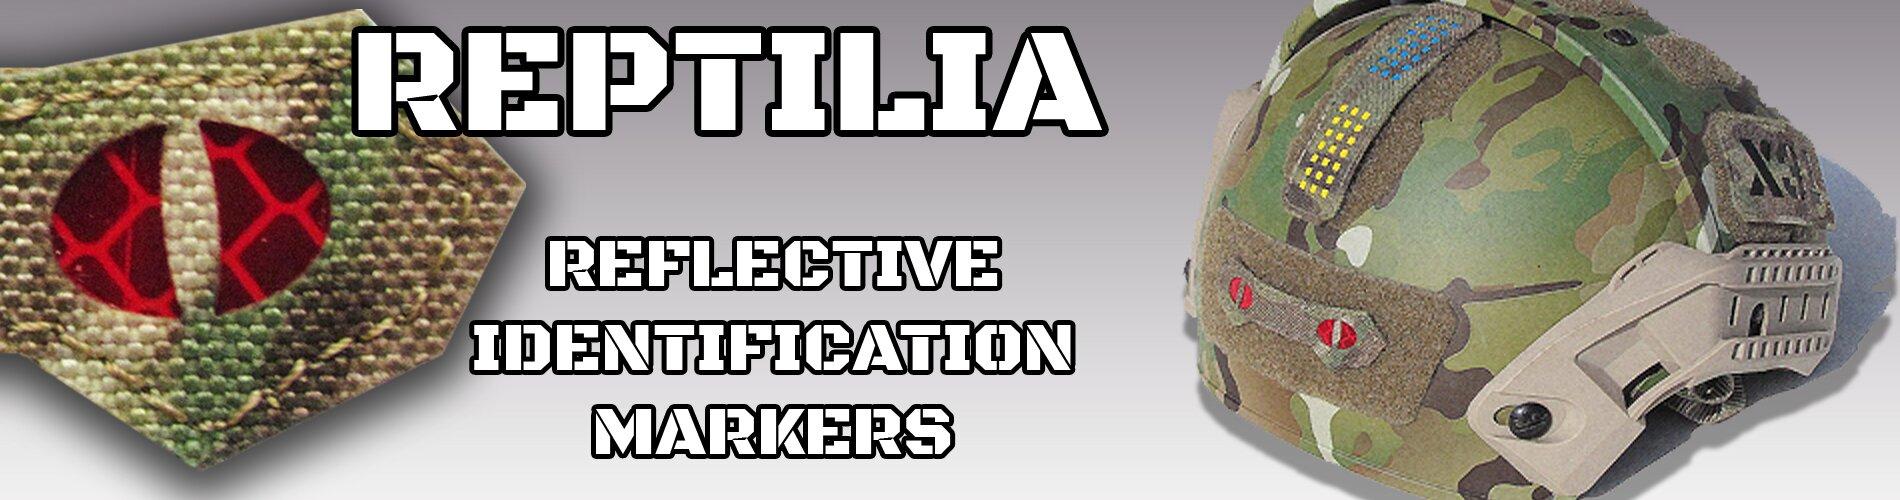 REPTILIA Reflective Identification Markers